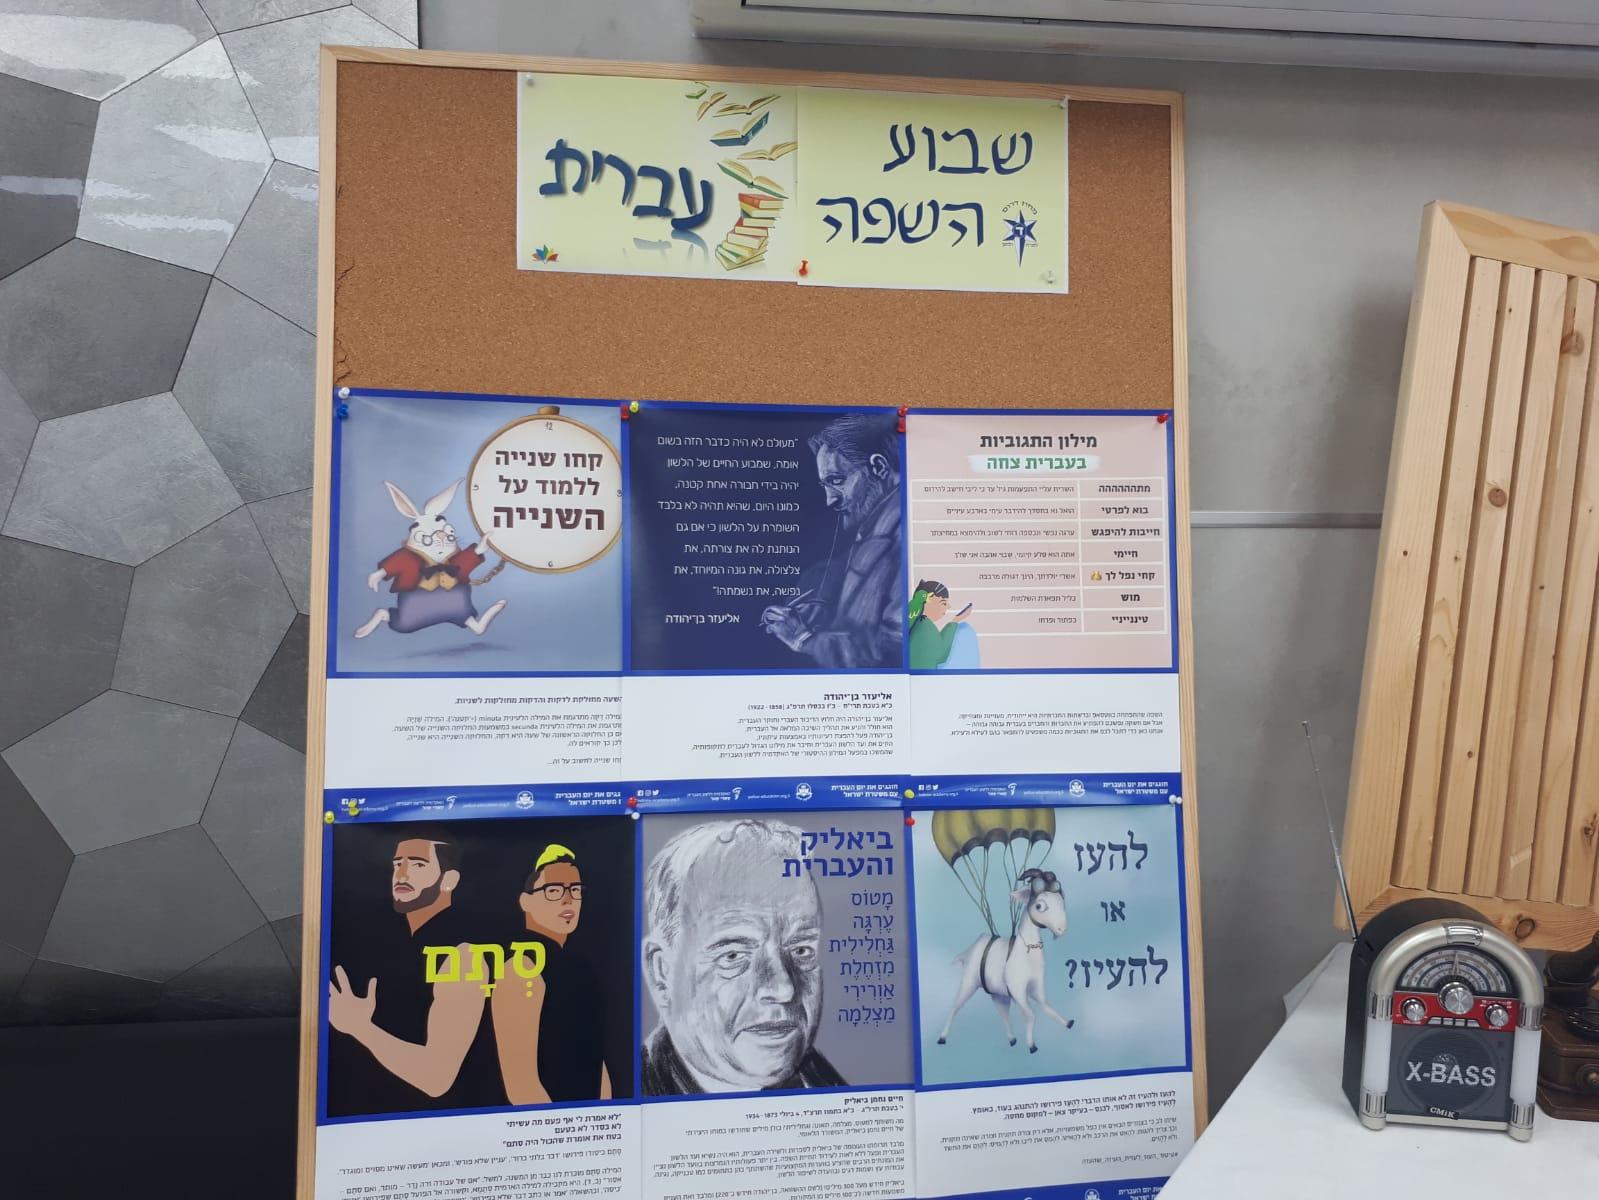 חוגגים את יום העברית עם משטרת ישראל